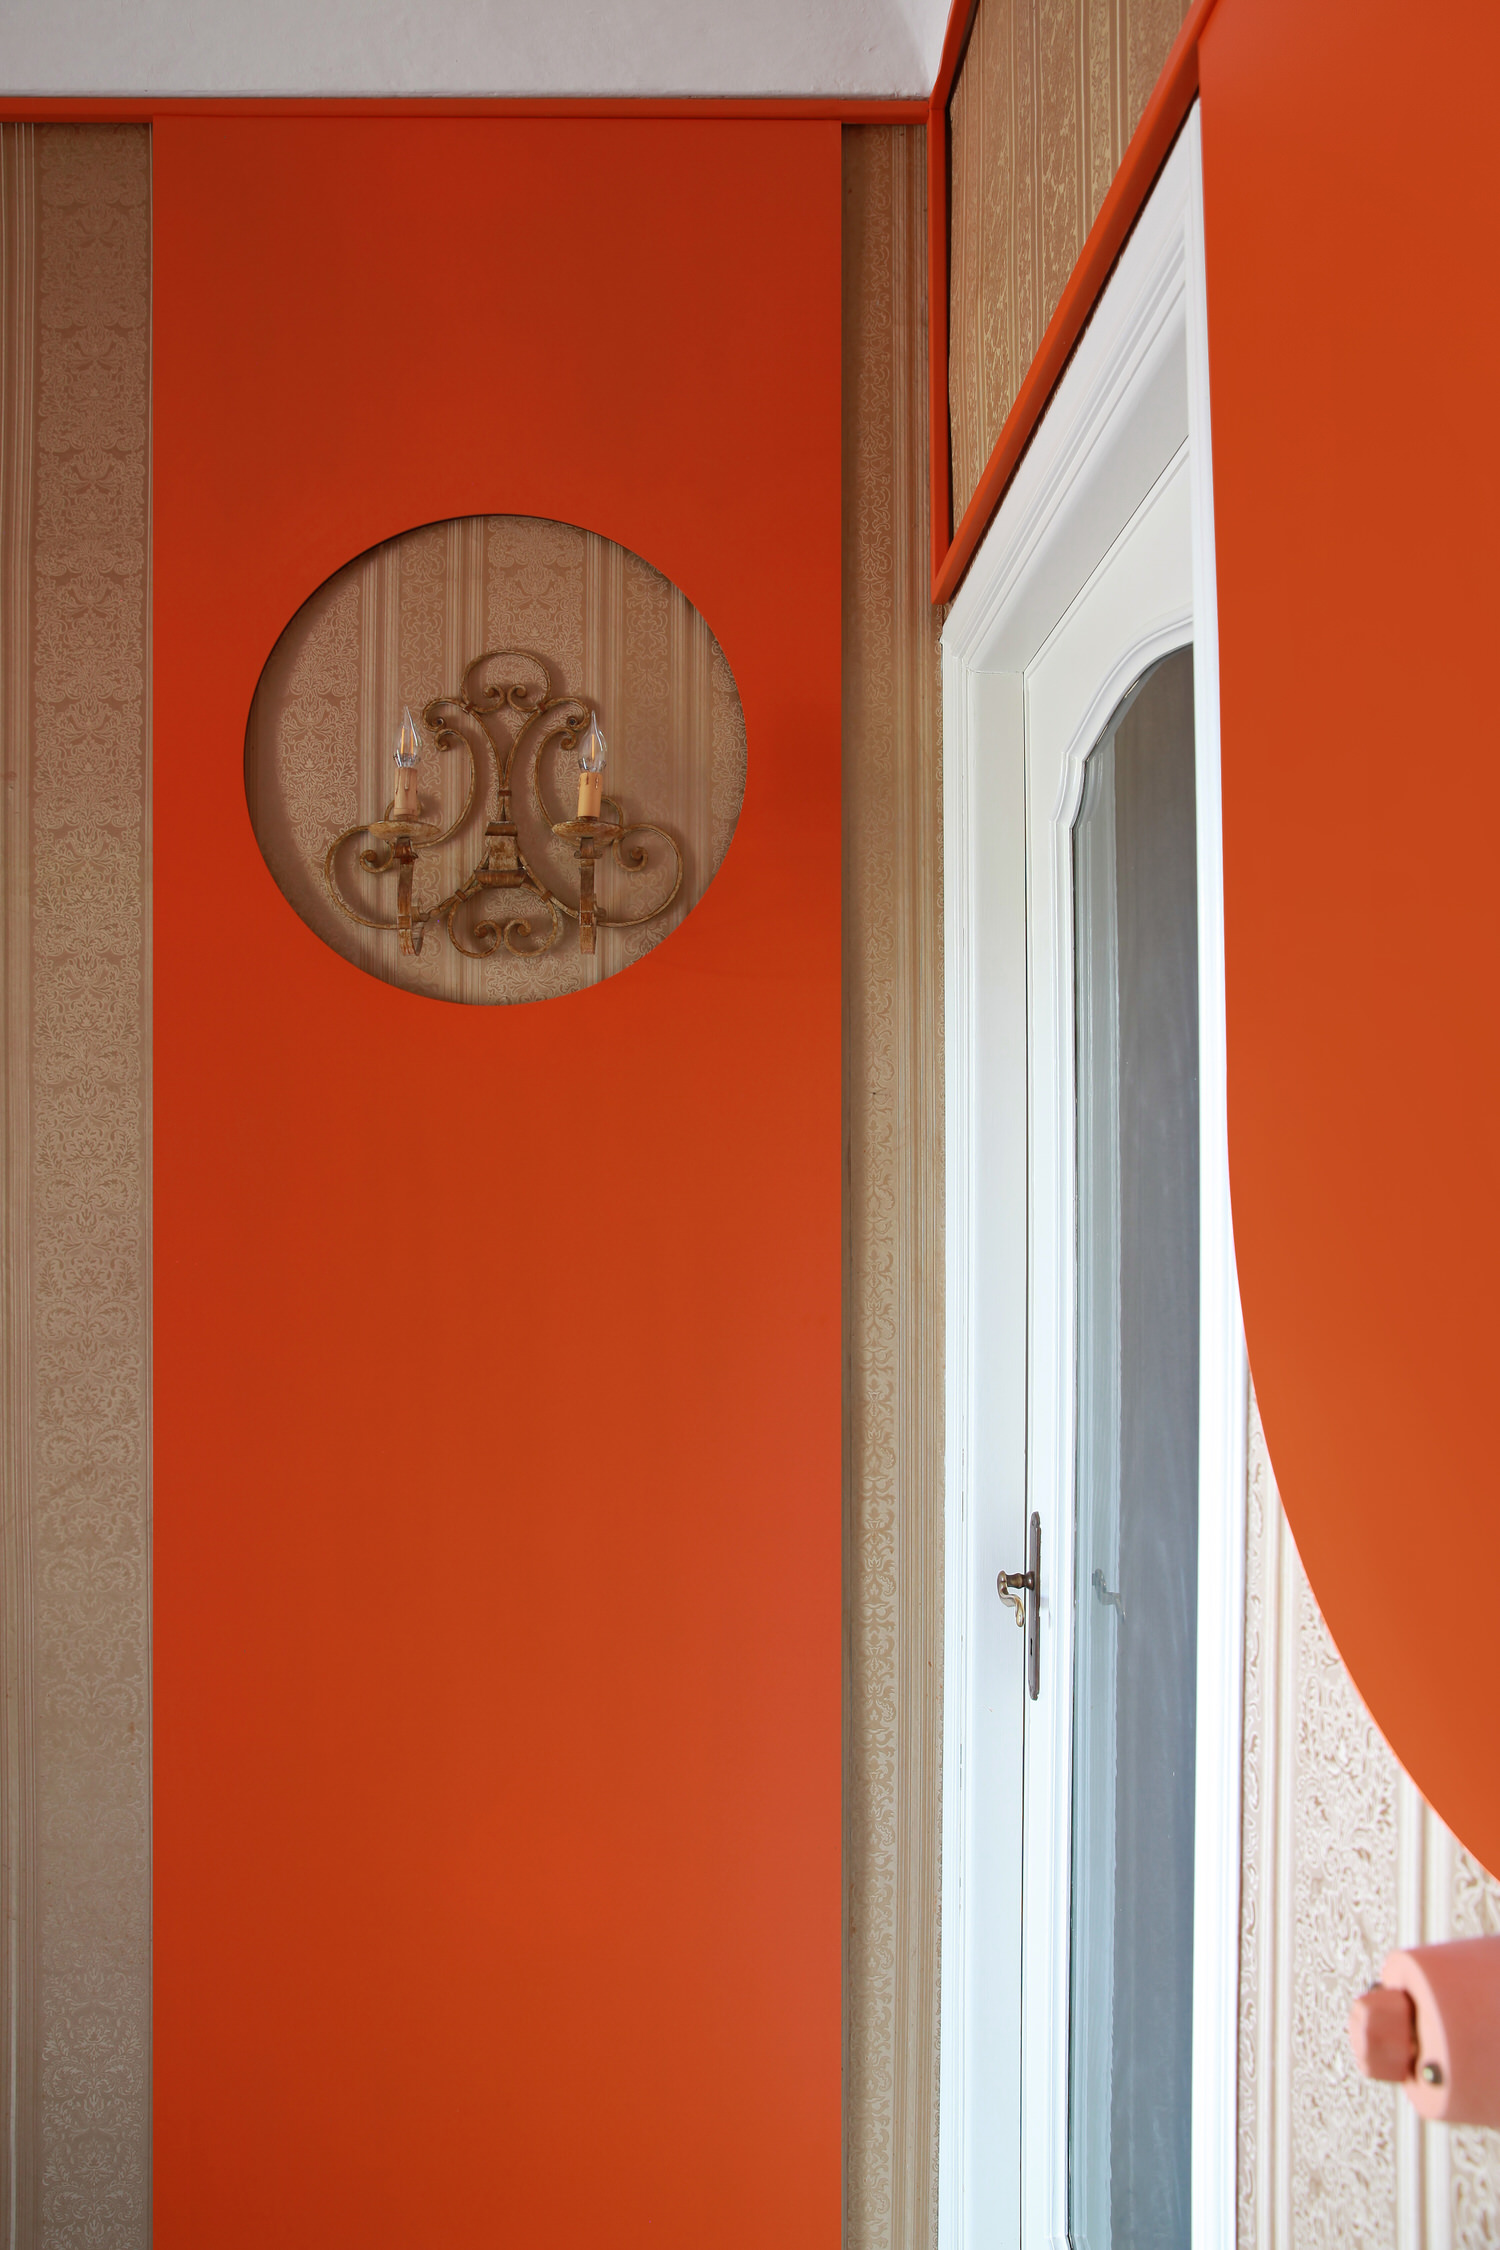 Marcante Testa Private House Renovation Cavallermaggiore Photo Carola Ripamonti Yellowtrace 08